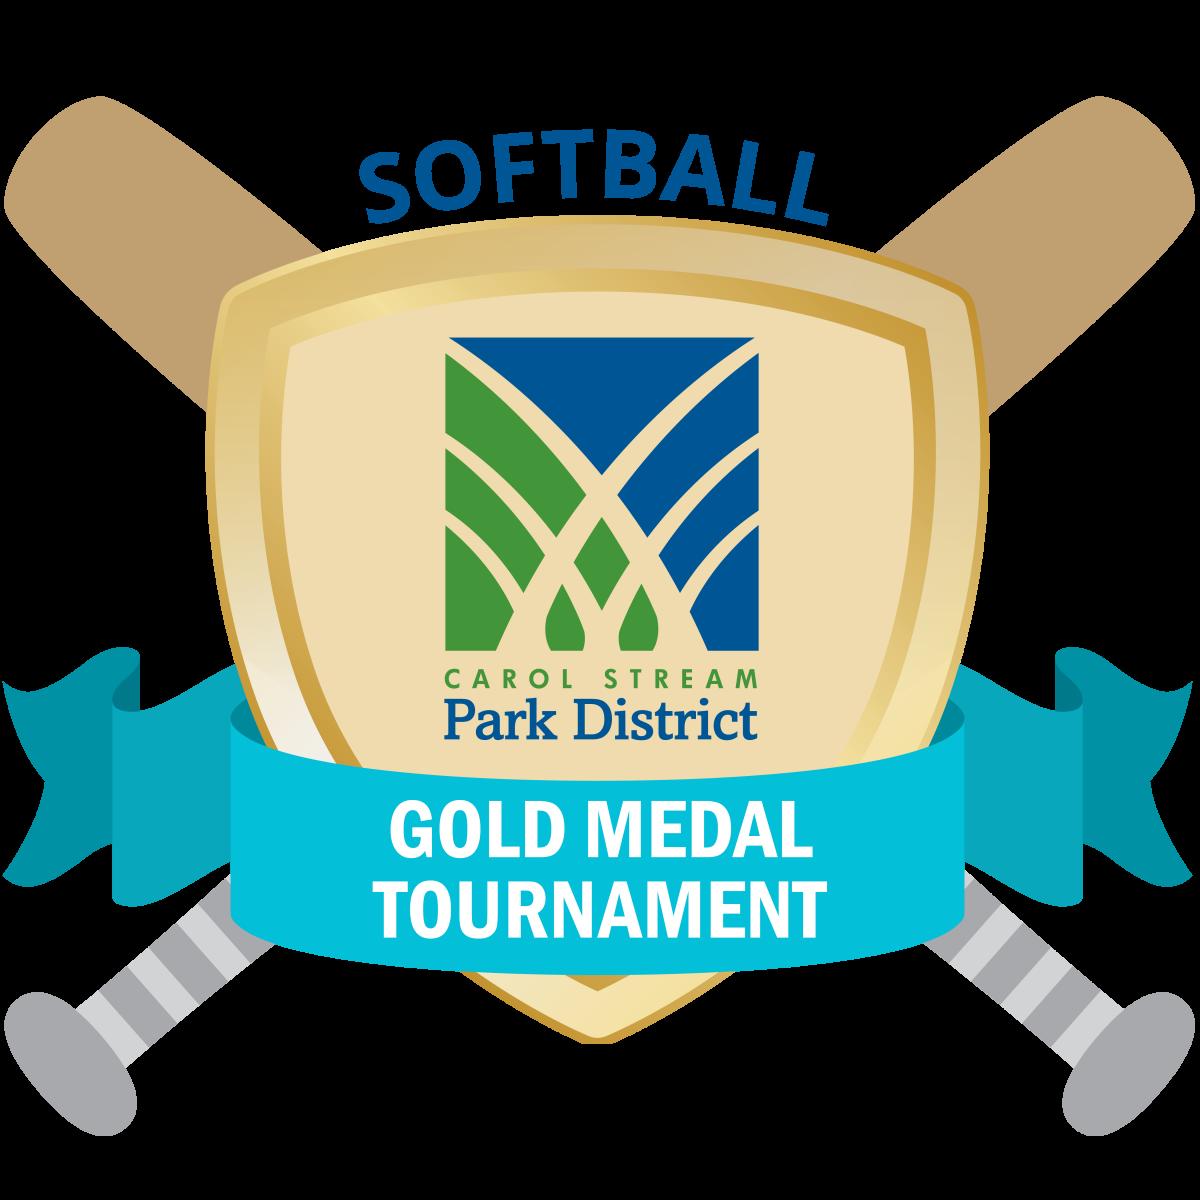 Gold Medal Softball